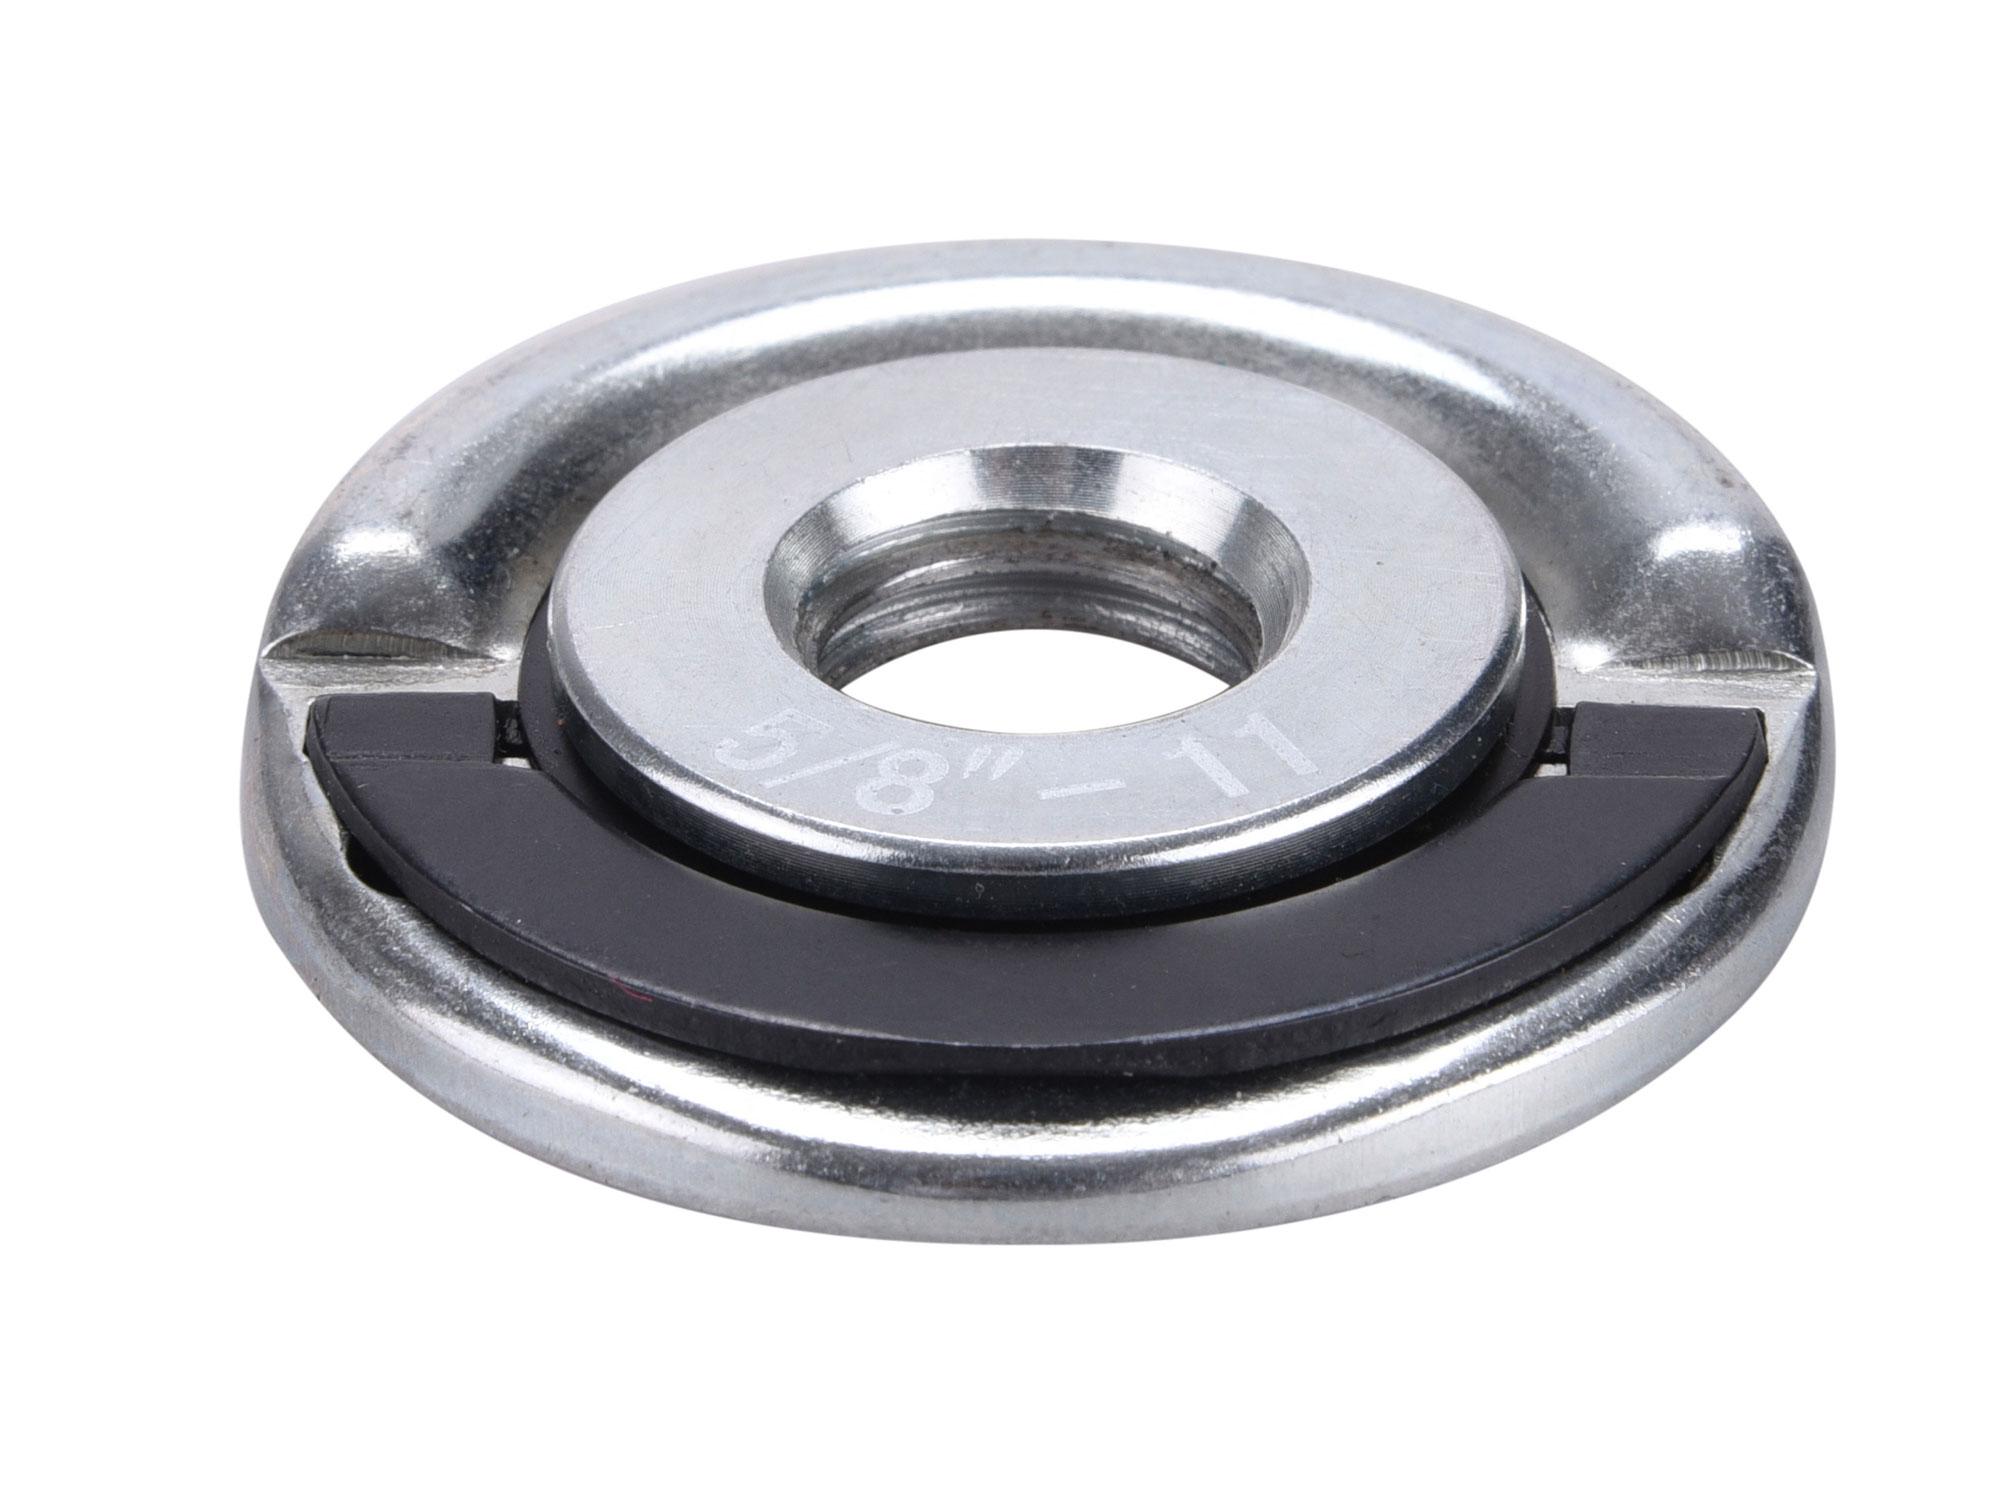 Matice rychloupínací pro úhlové brusky, M14, do 1000W EXTOL PREMIUM 8898050